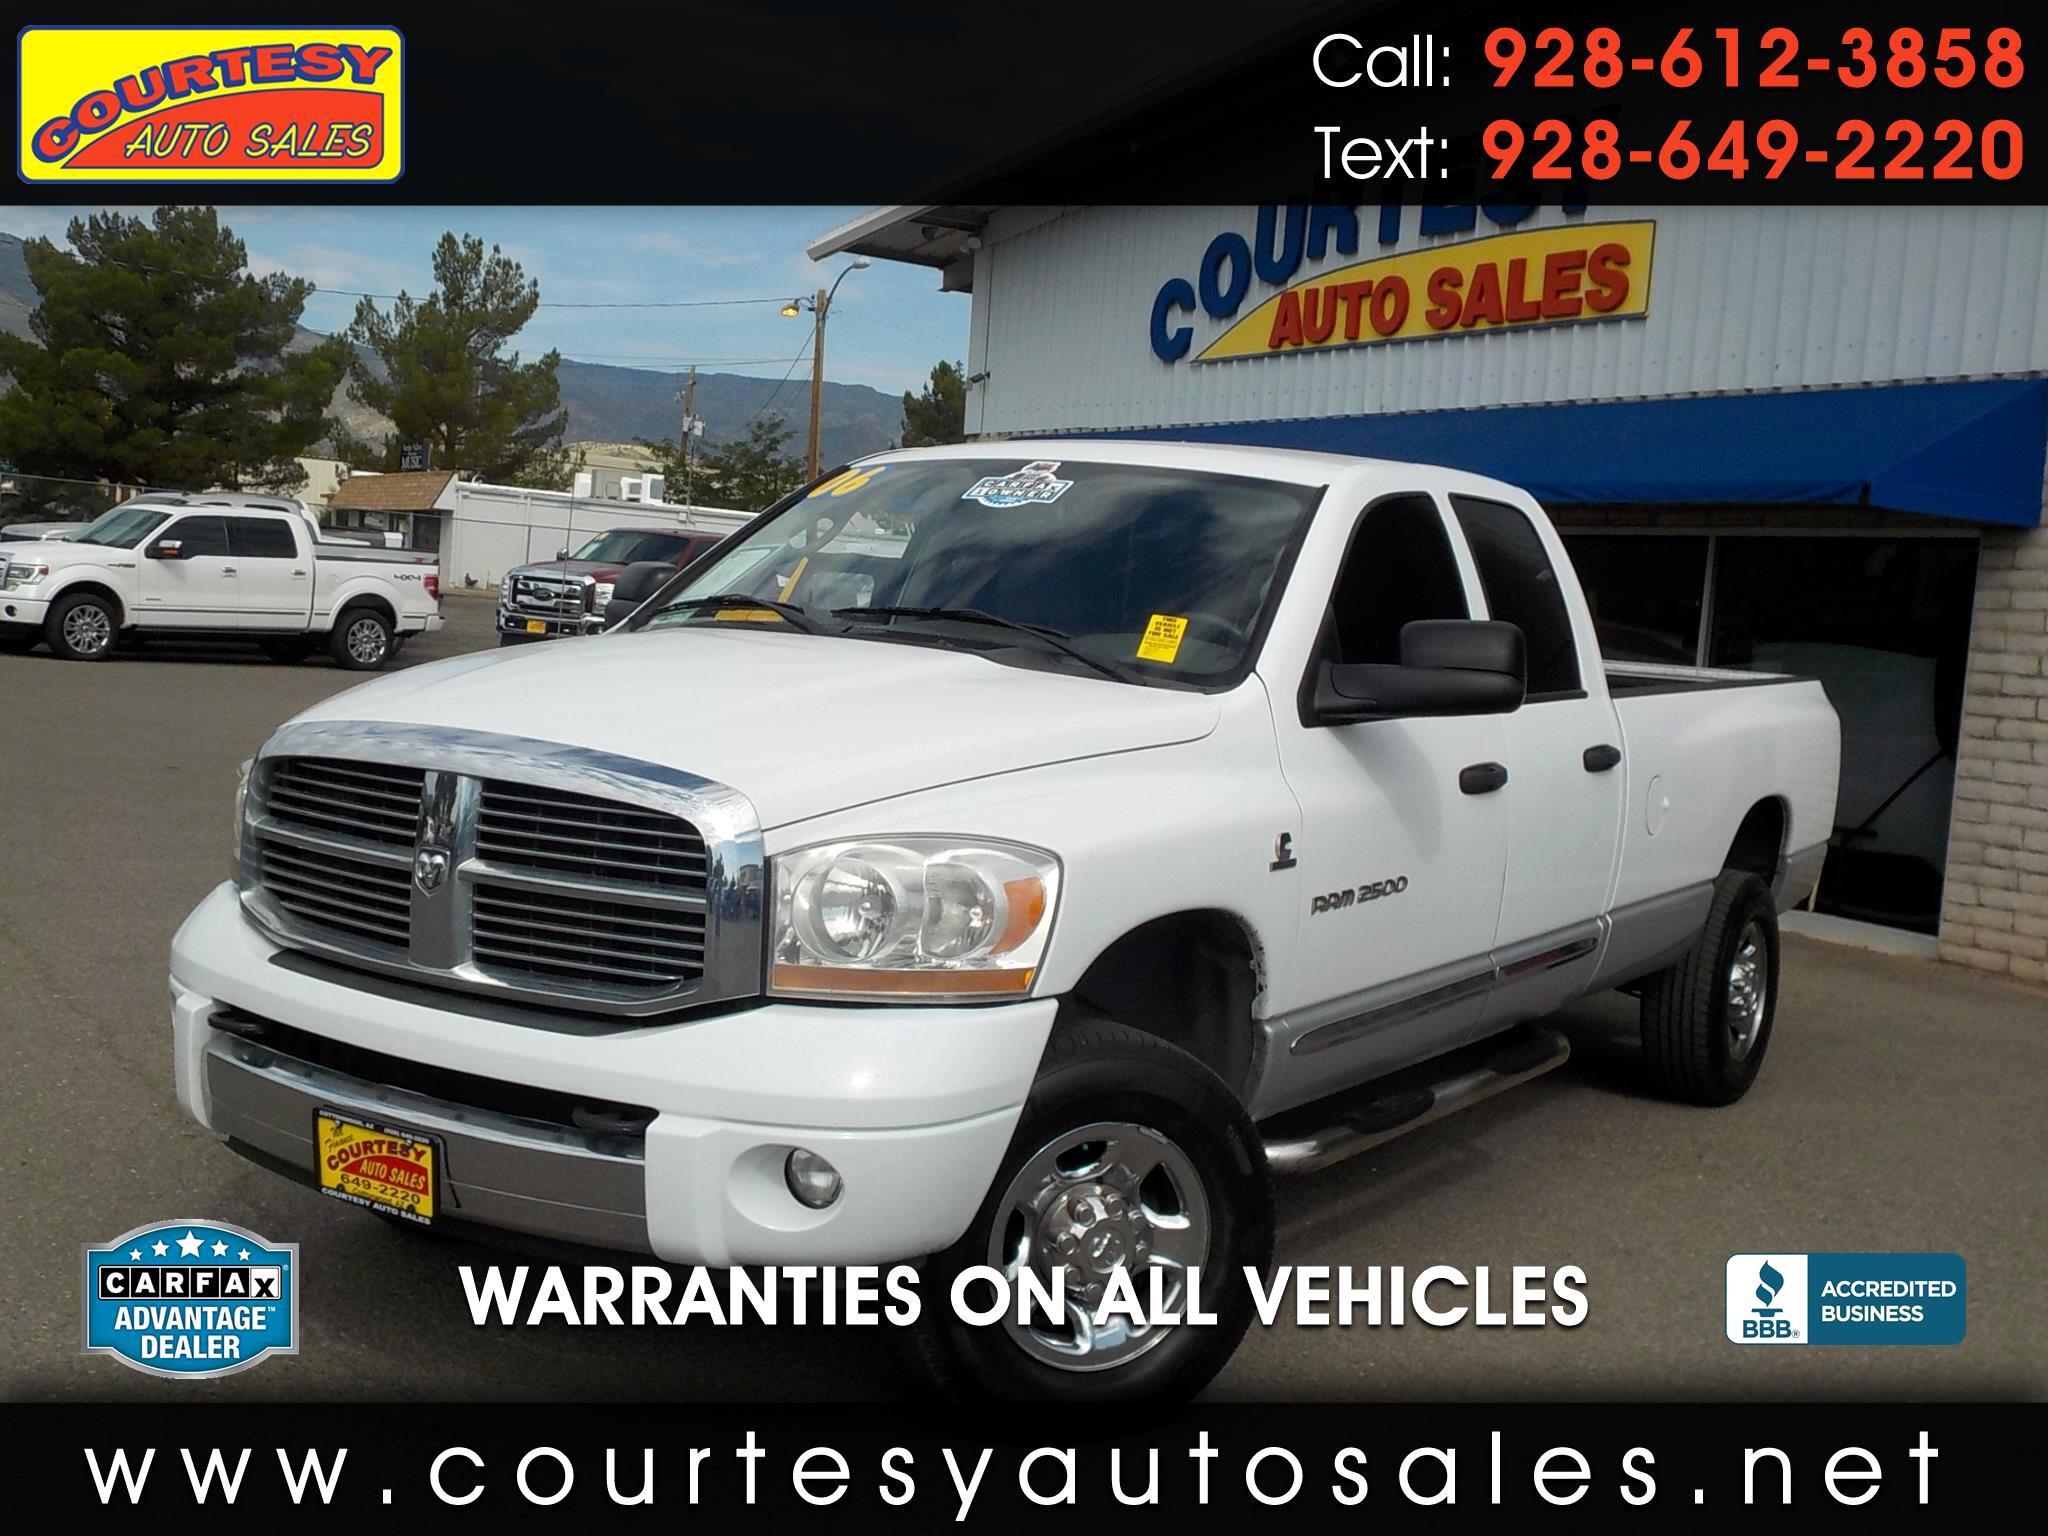 2006 Dodge Ram 2500 4dr Quad Cab 160.5 4WD Laramie